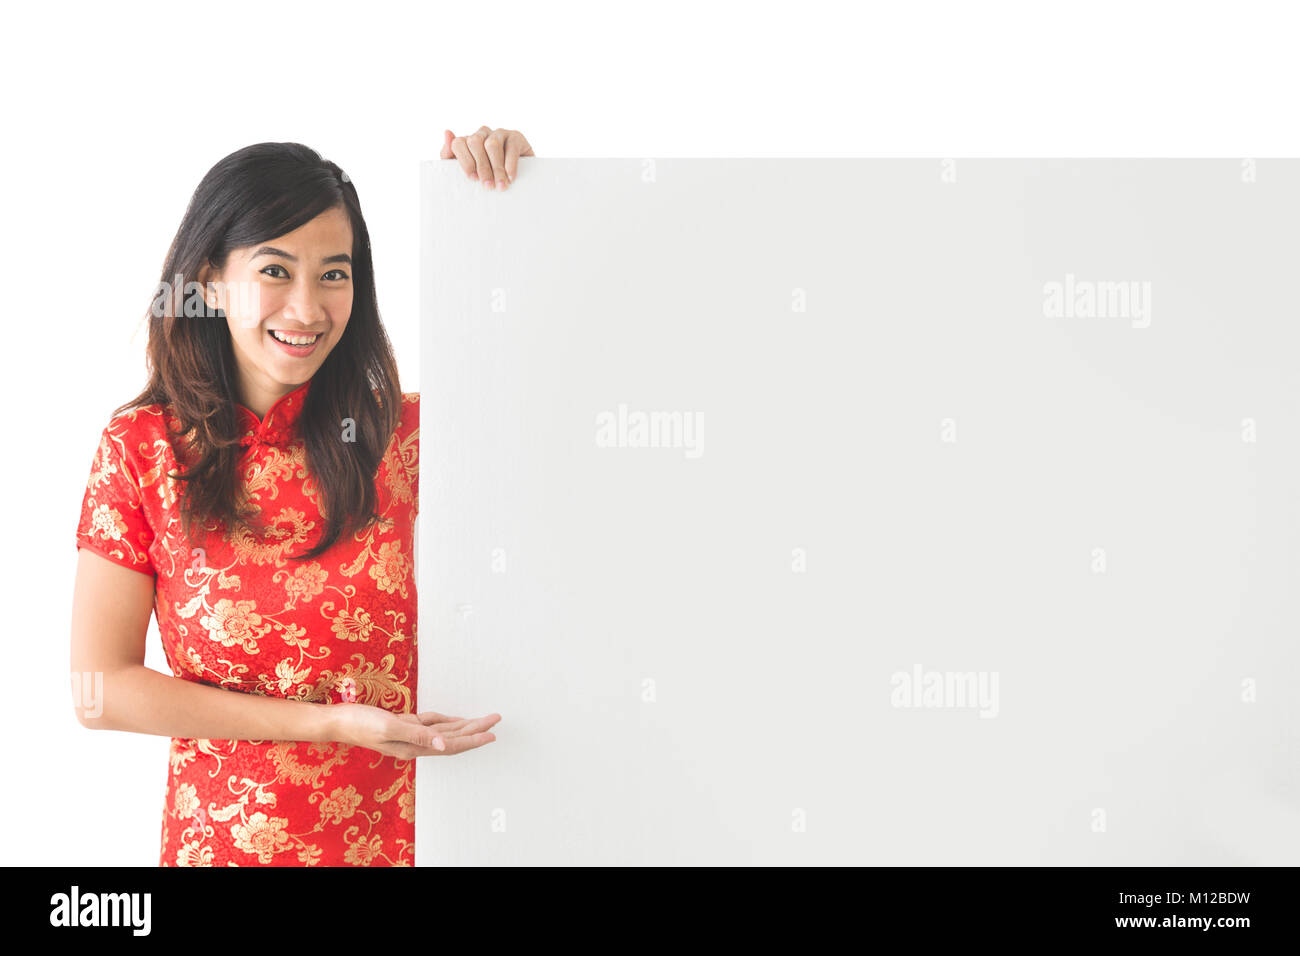 438a7fdfe portrait of pretty asian woman wearing traditional chinese dress holding  blank white board · Robbi Akbari Kamaruddin / Alamy Stock Photo